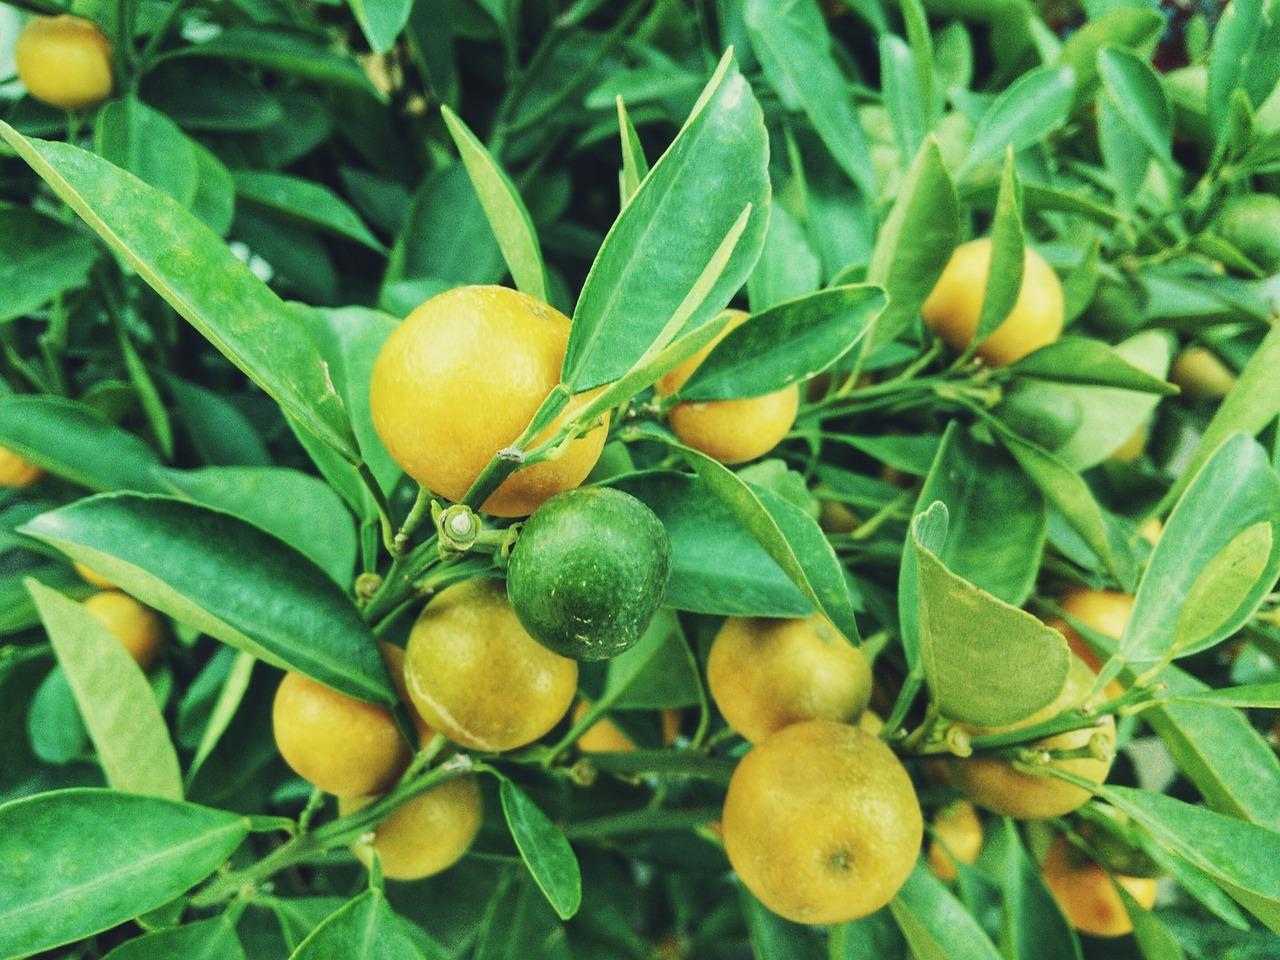 Zitronen Und Obst im <?PHP echo Plauener;?> Lieferservice